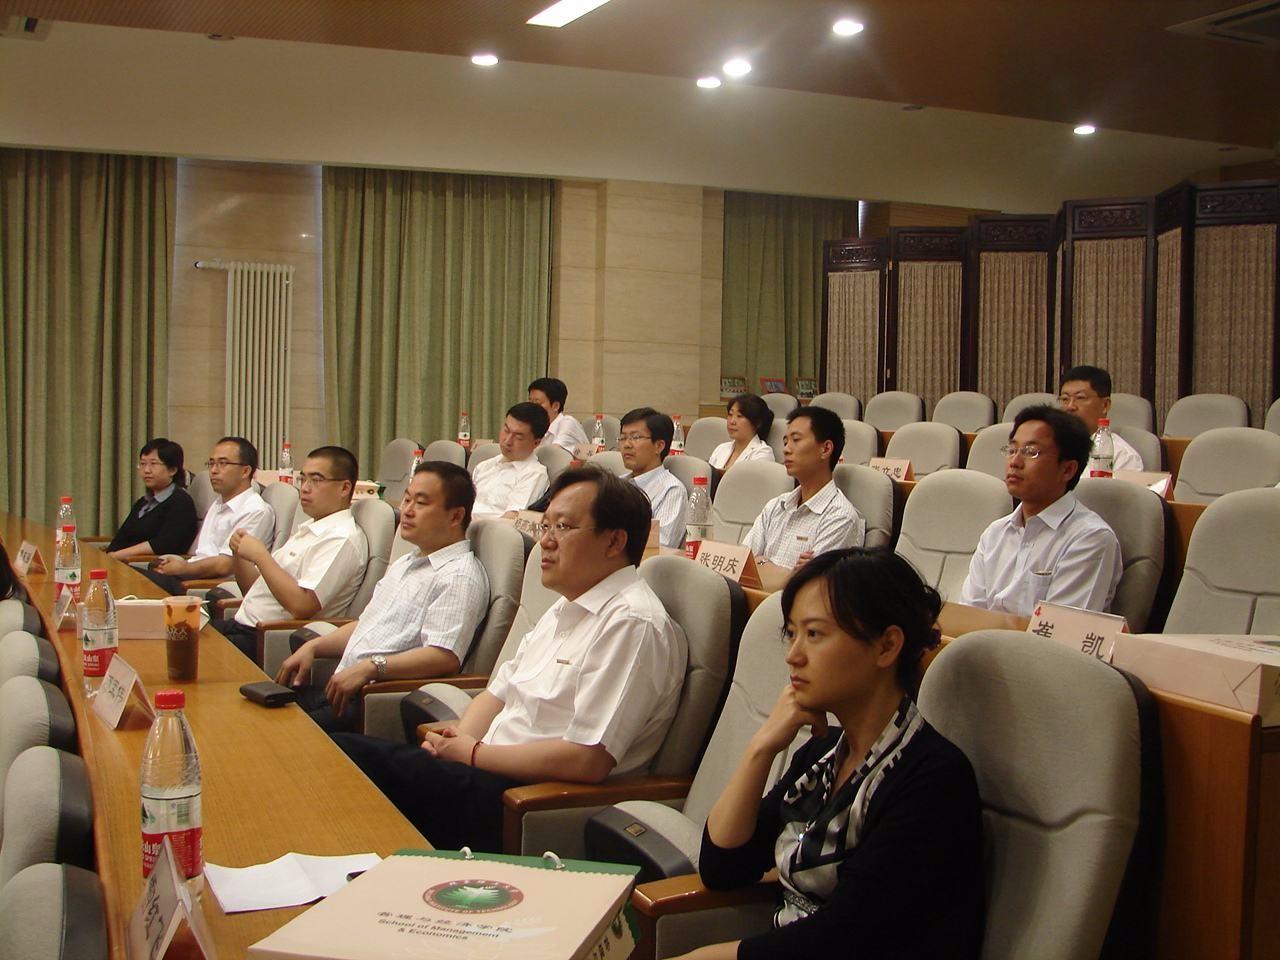 北京理工大学EMBA上课图集-